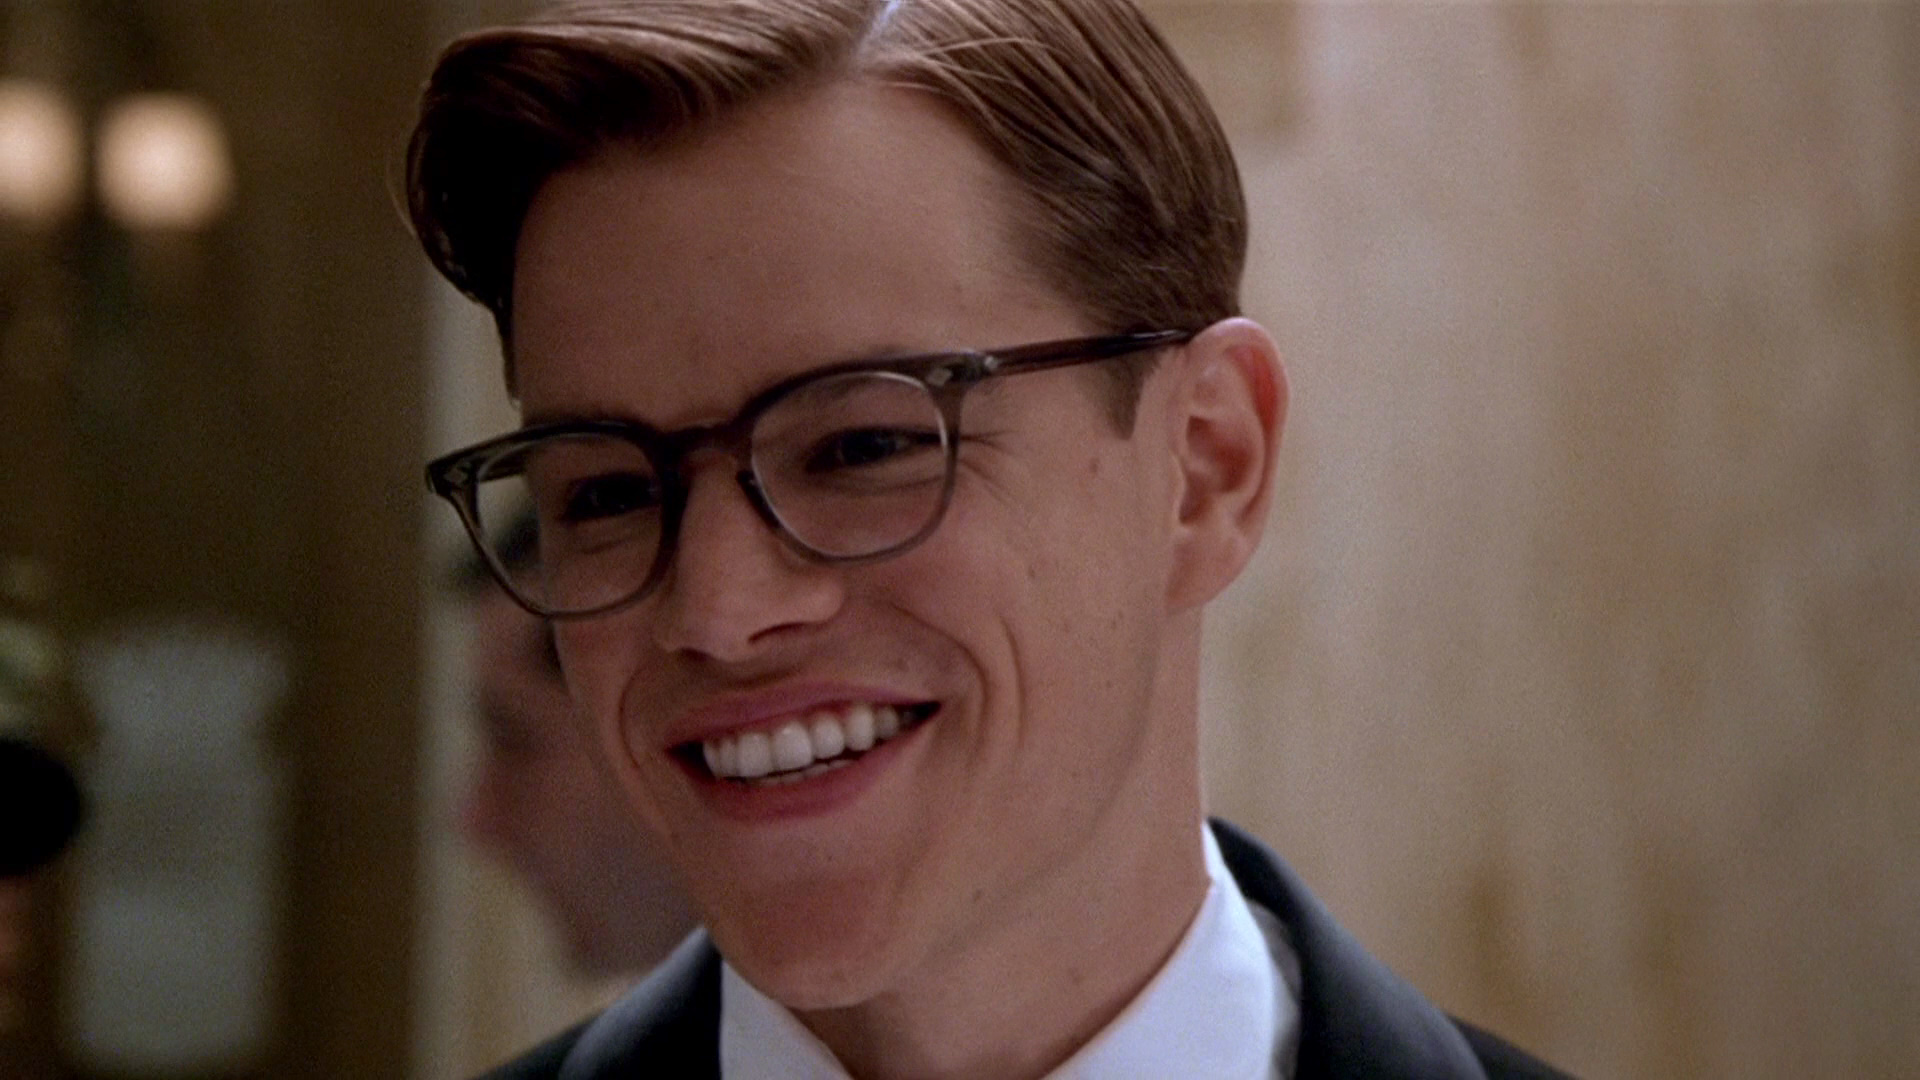 matt-damon-talented-mr-ripley-lunettes-4_png.jpg